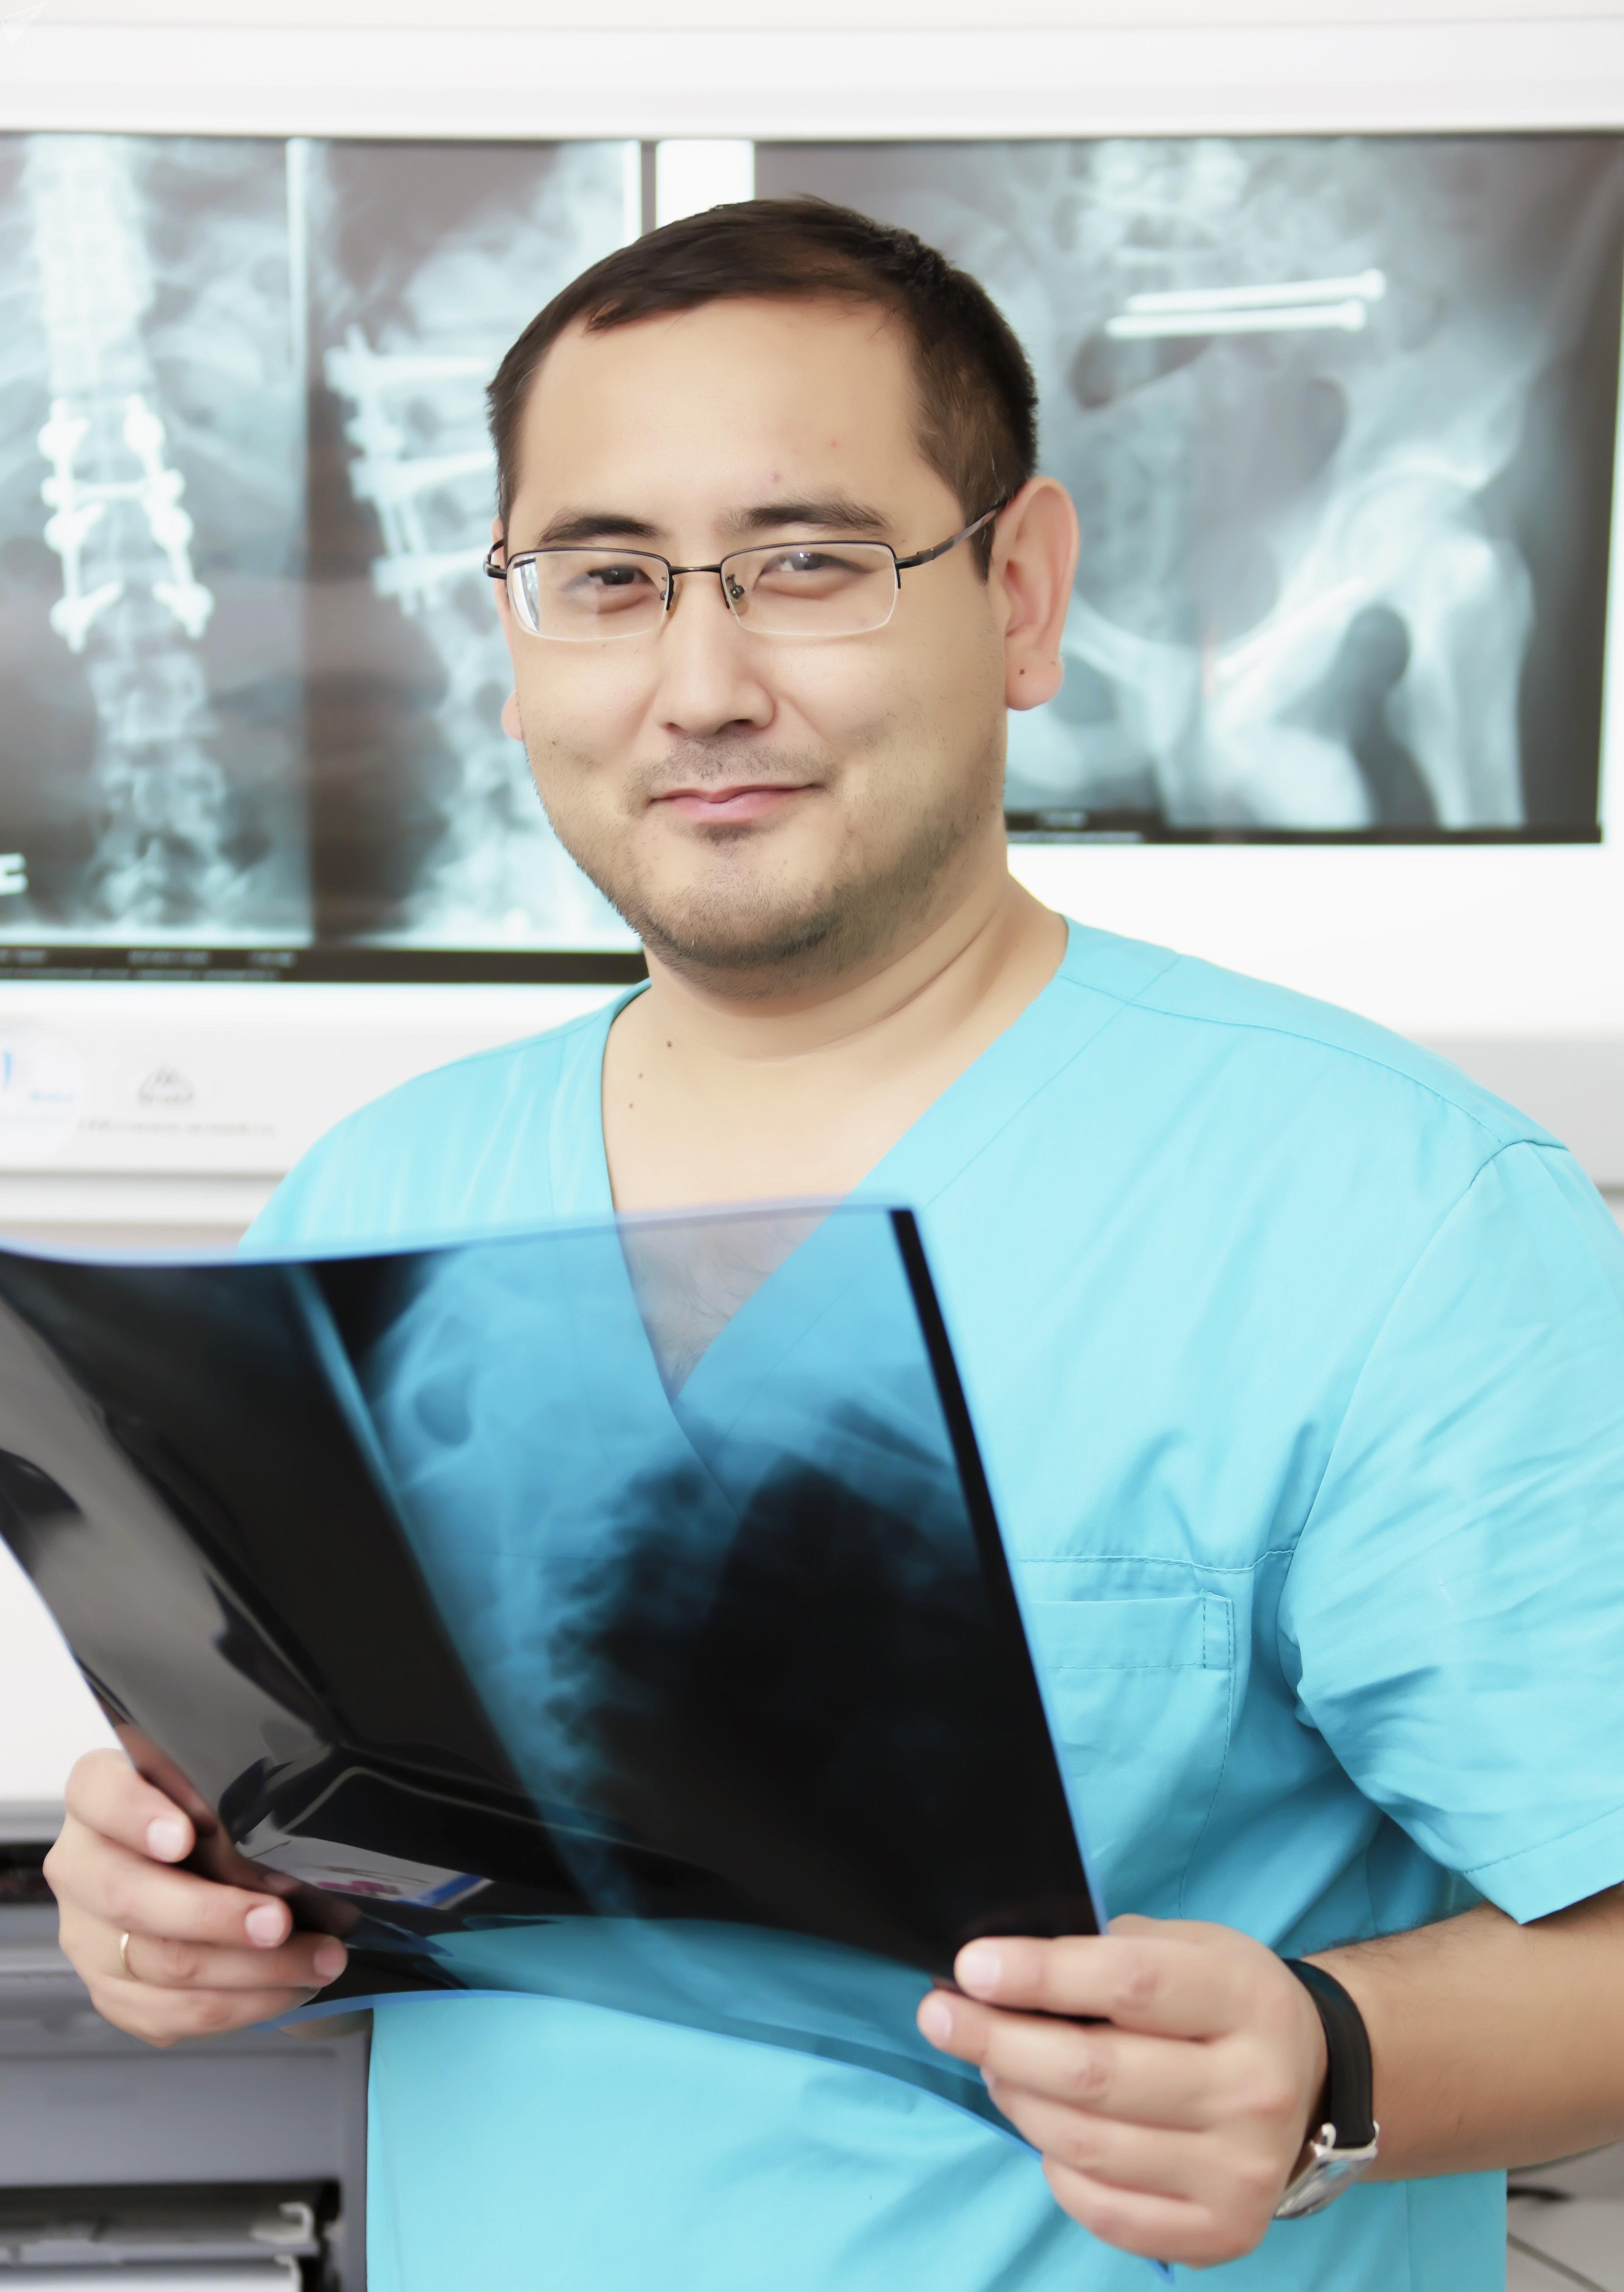 Заведующий отделением травматологии № 1 Научно-исследовательского института травматологии и ортопедии РК Олжас Бекарисов